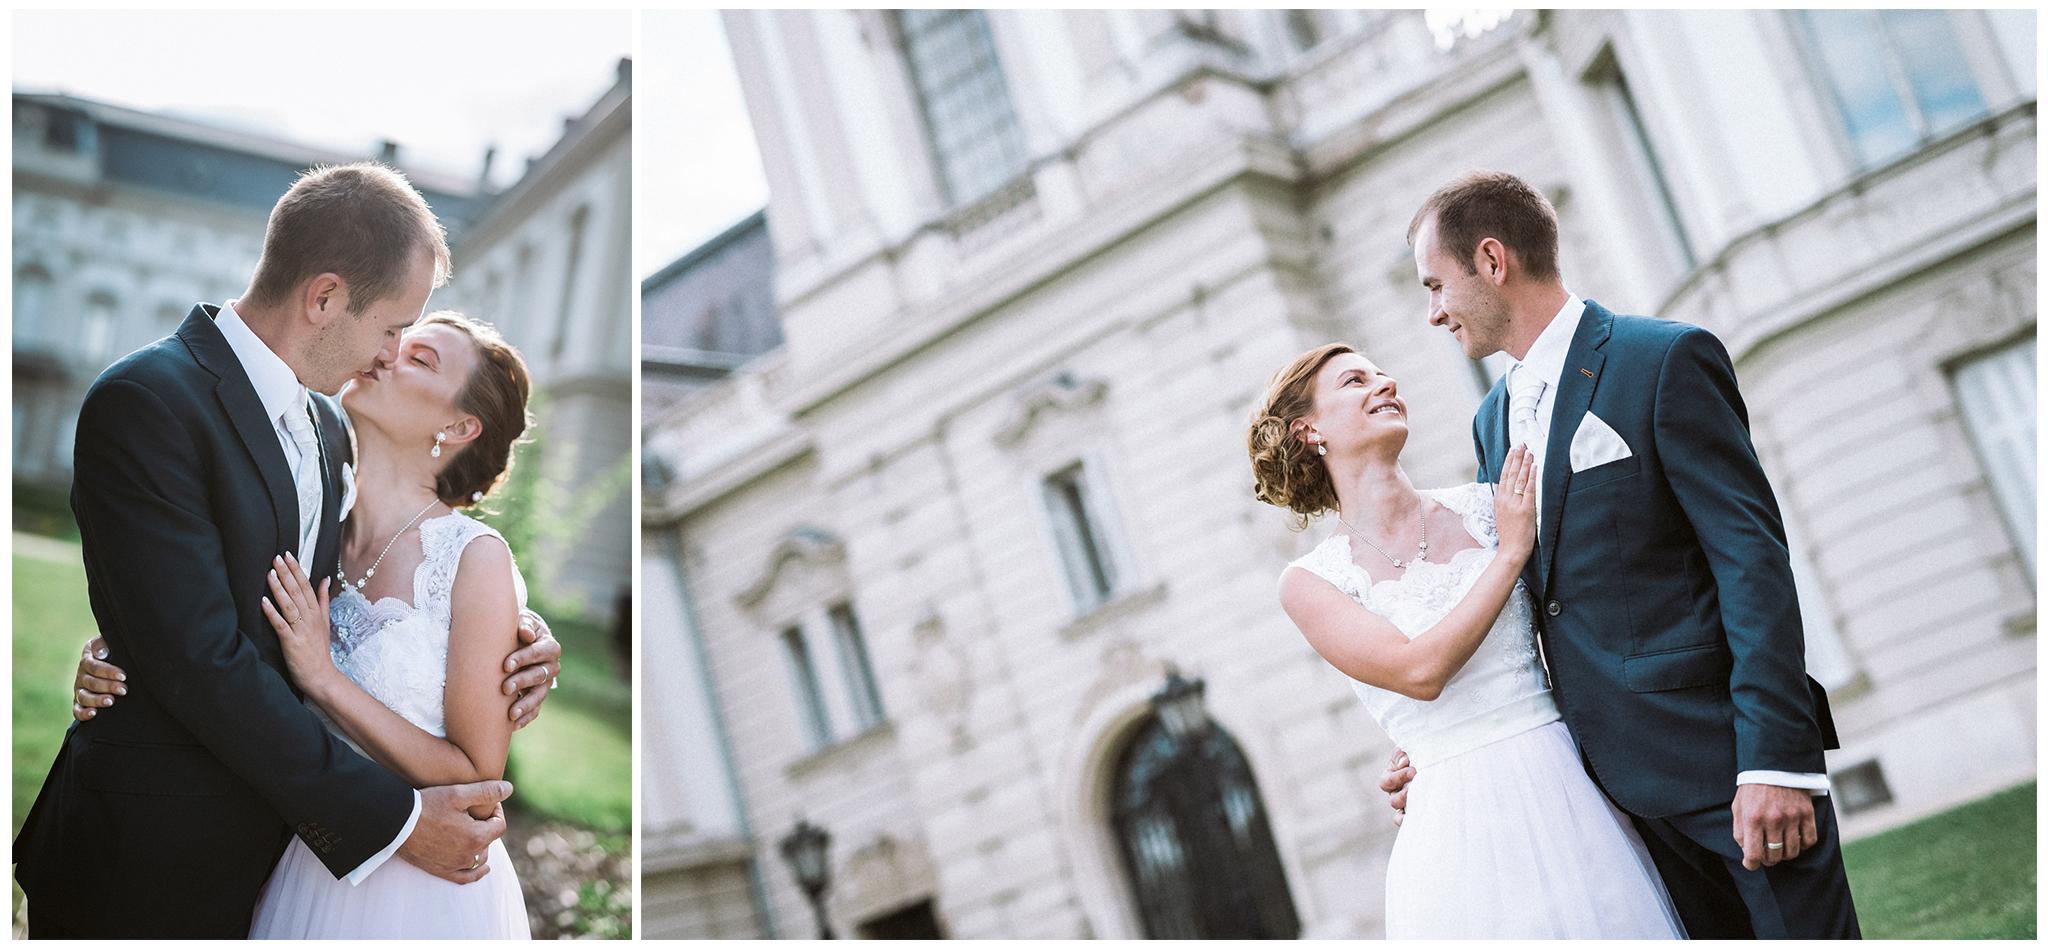 FylepPhoto, esküvőfotós, esküvői fotós Körmend, Szombathely, esküvőfotózás, magyarország, vas megye, prémium, jegyesfotózás, Fülöp Péter, körmend, kreatív, fotográfus_01.jpg